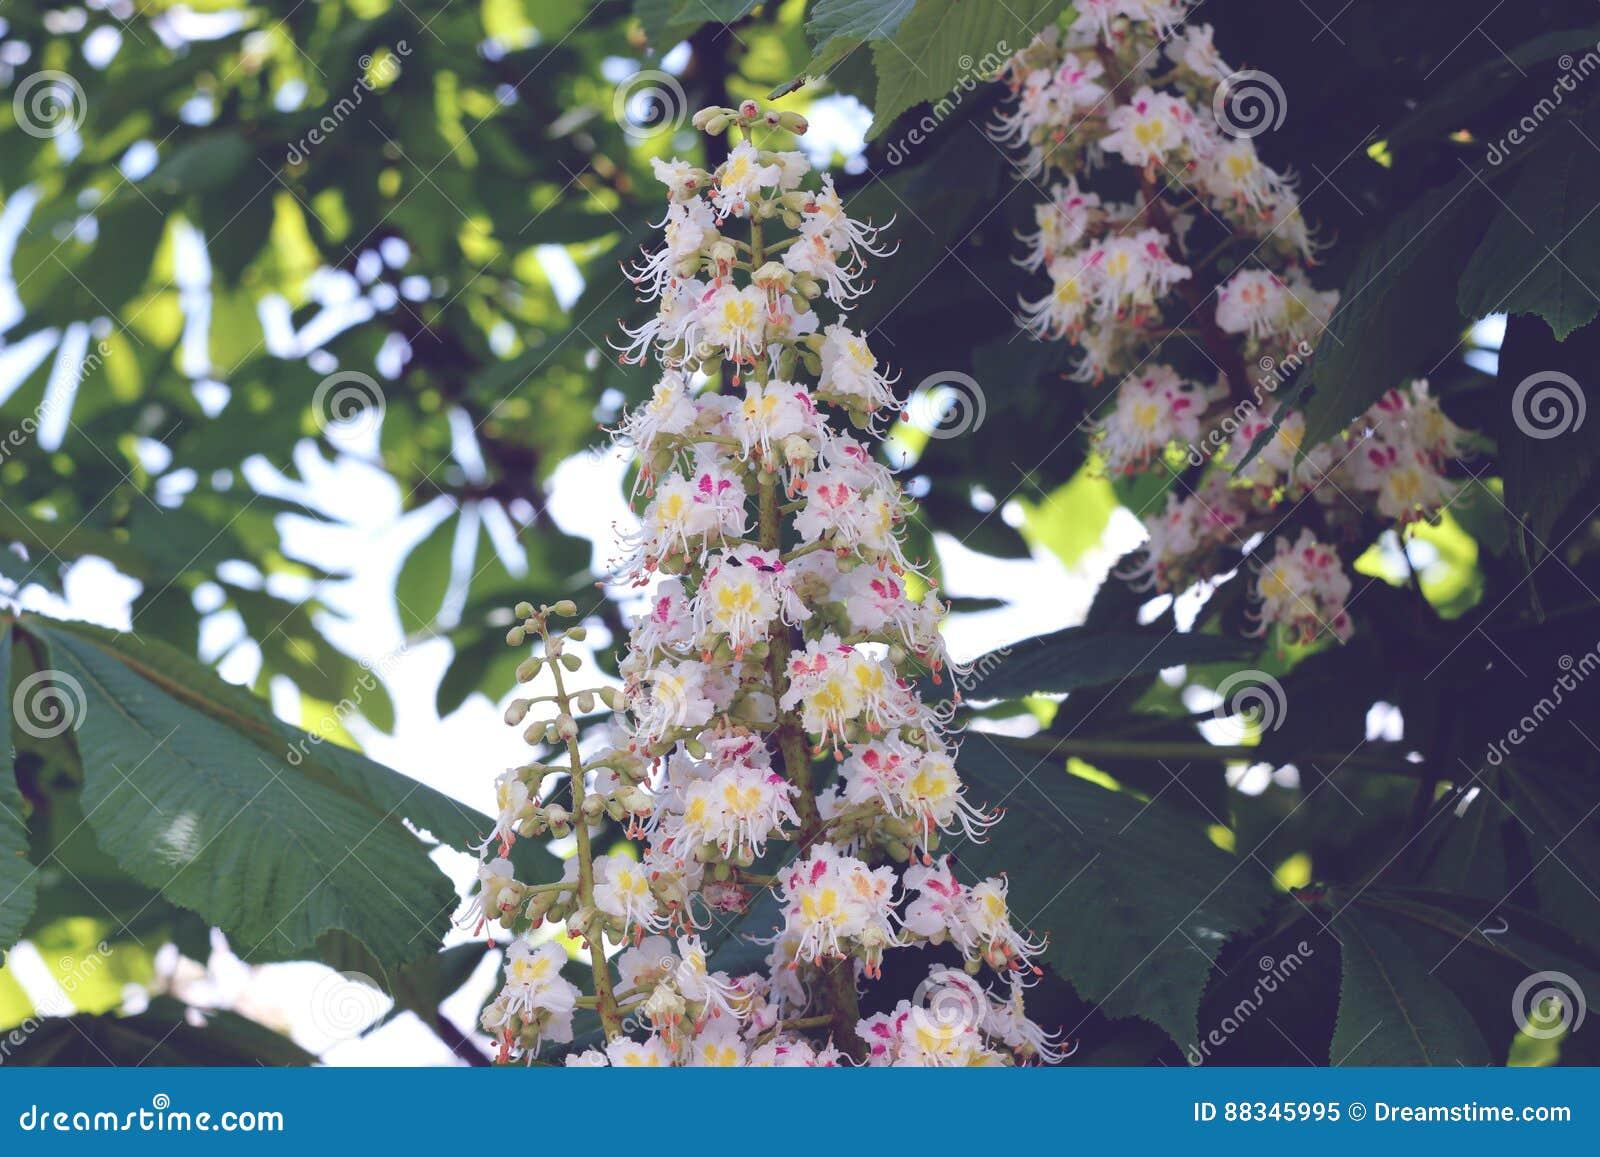 Fiori bianchi della castagna in primavera